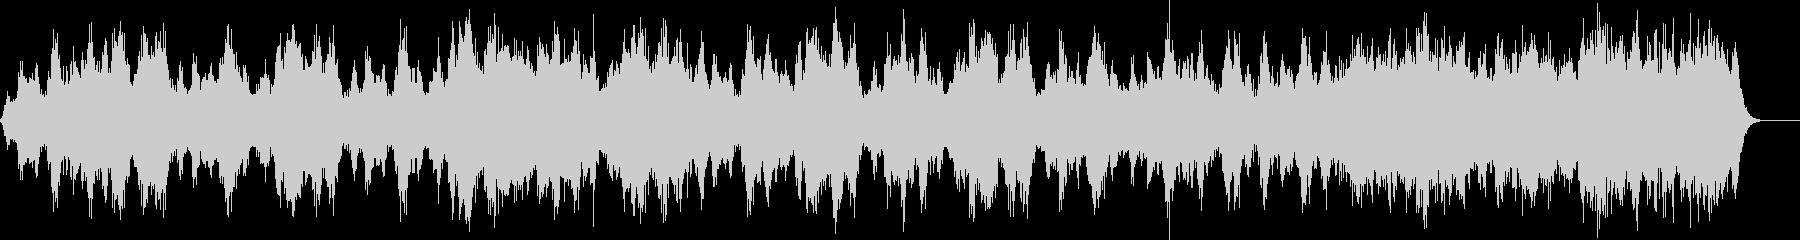 不気味な水の音のホラーアンビエントの未再生の波形